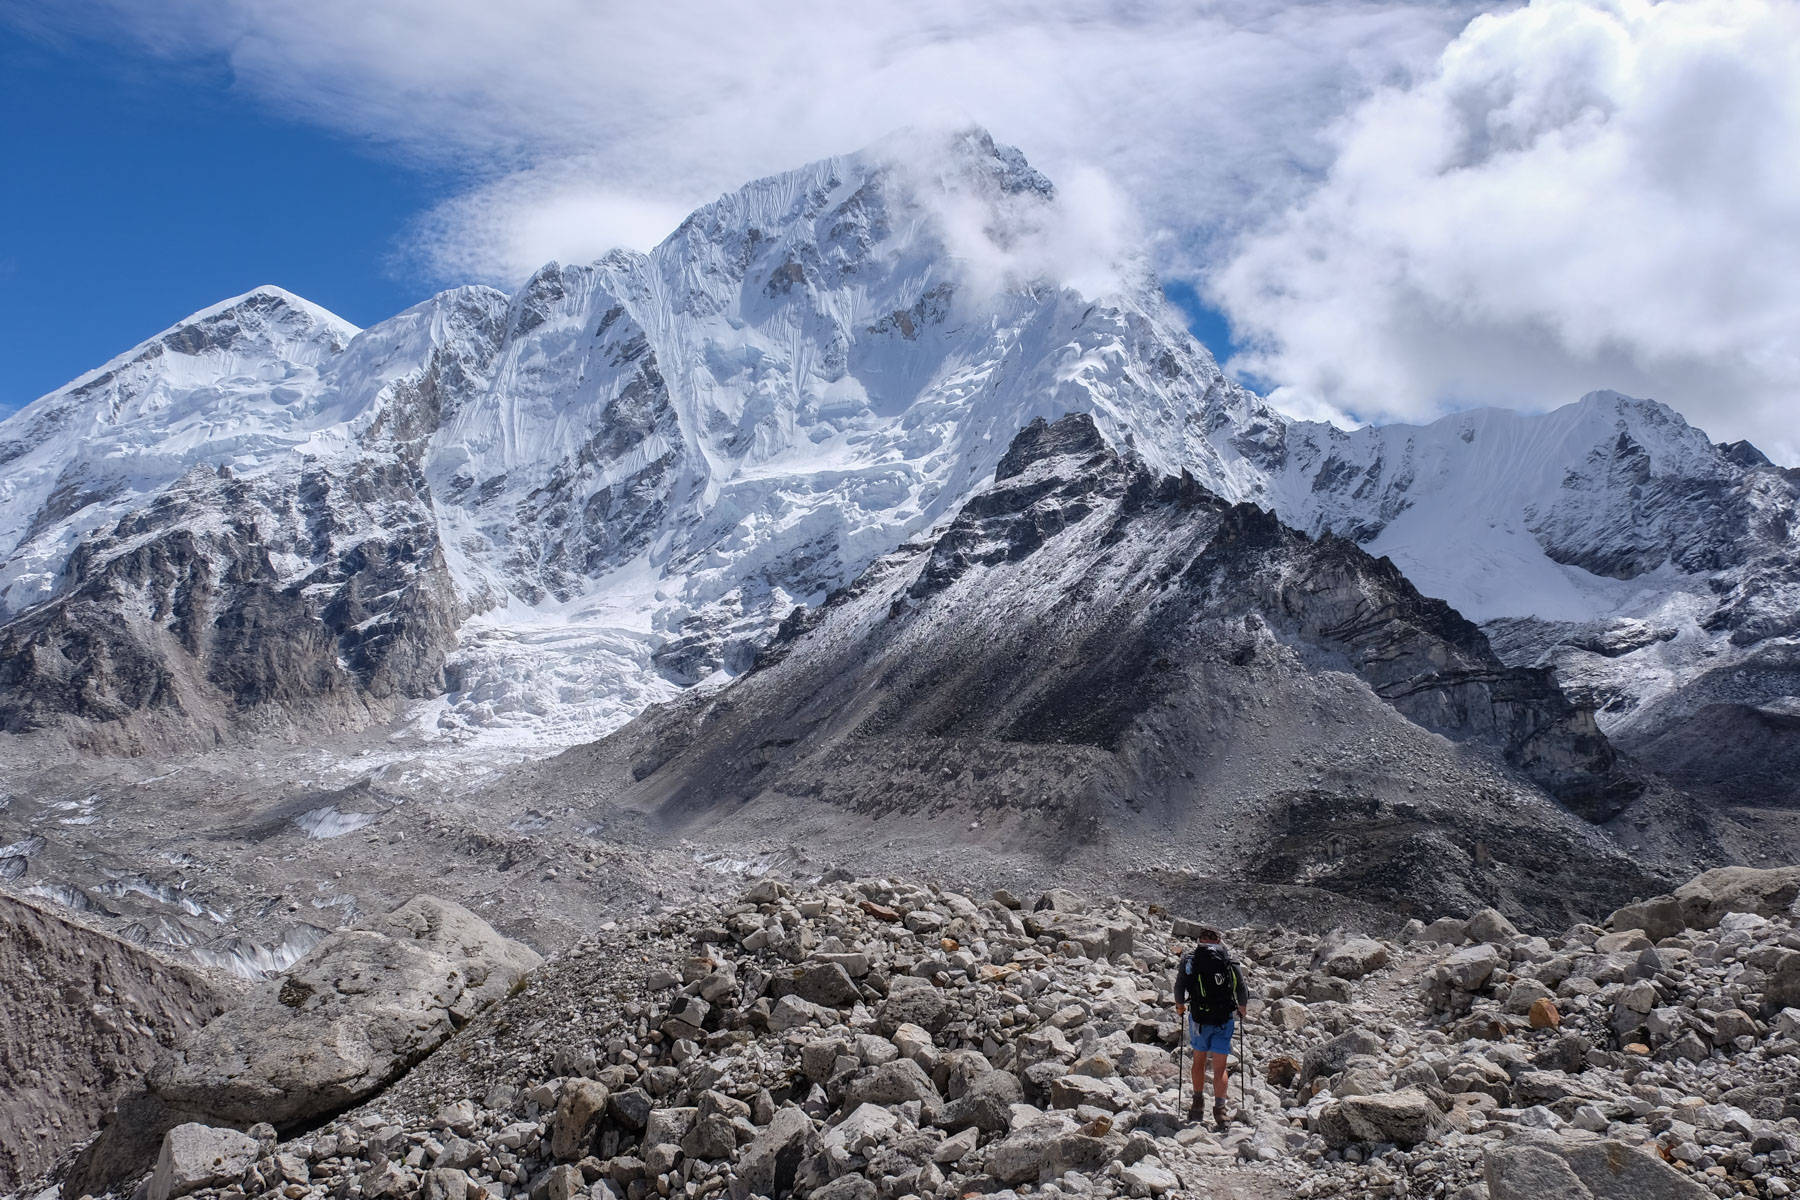 Kala Patthar & Gokyo, Everest 3 pass #3 27